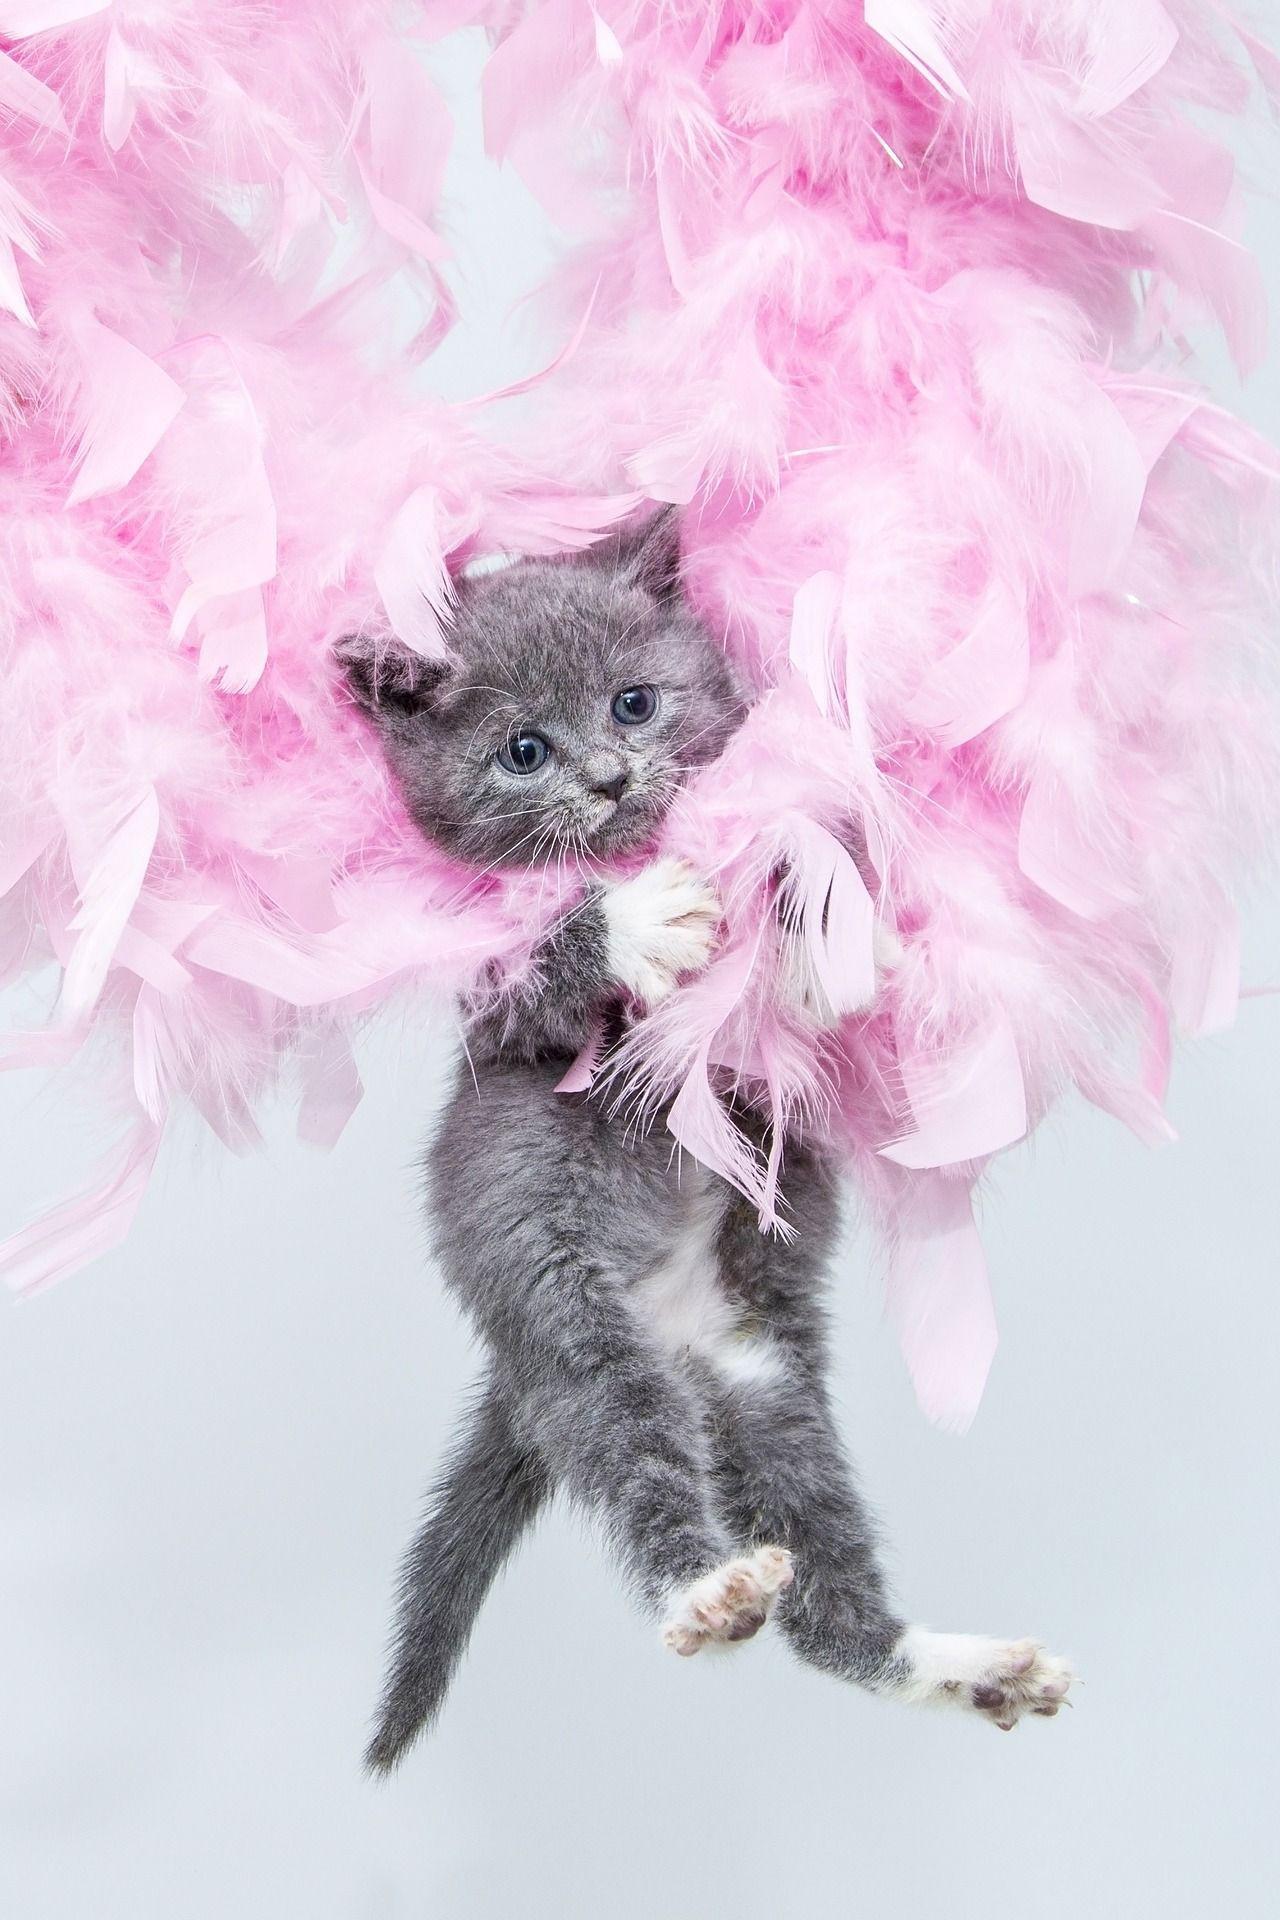 Geburtstagswünsche Katze  Geburtstagswunsche katze – Beste Geschenk Website Foto Blog